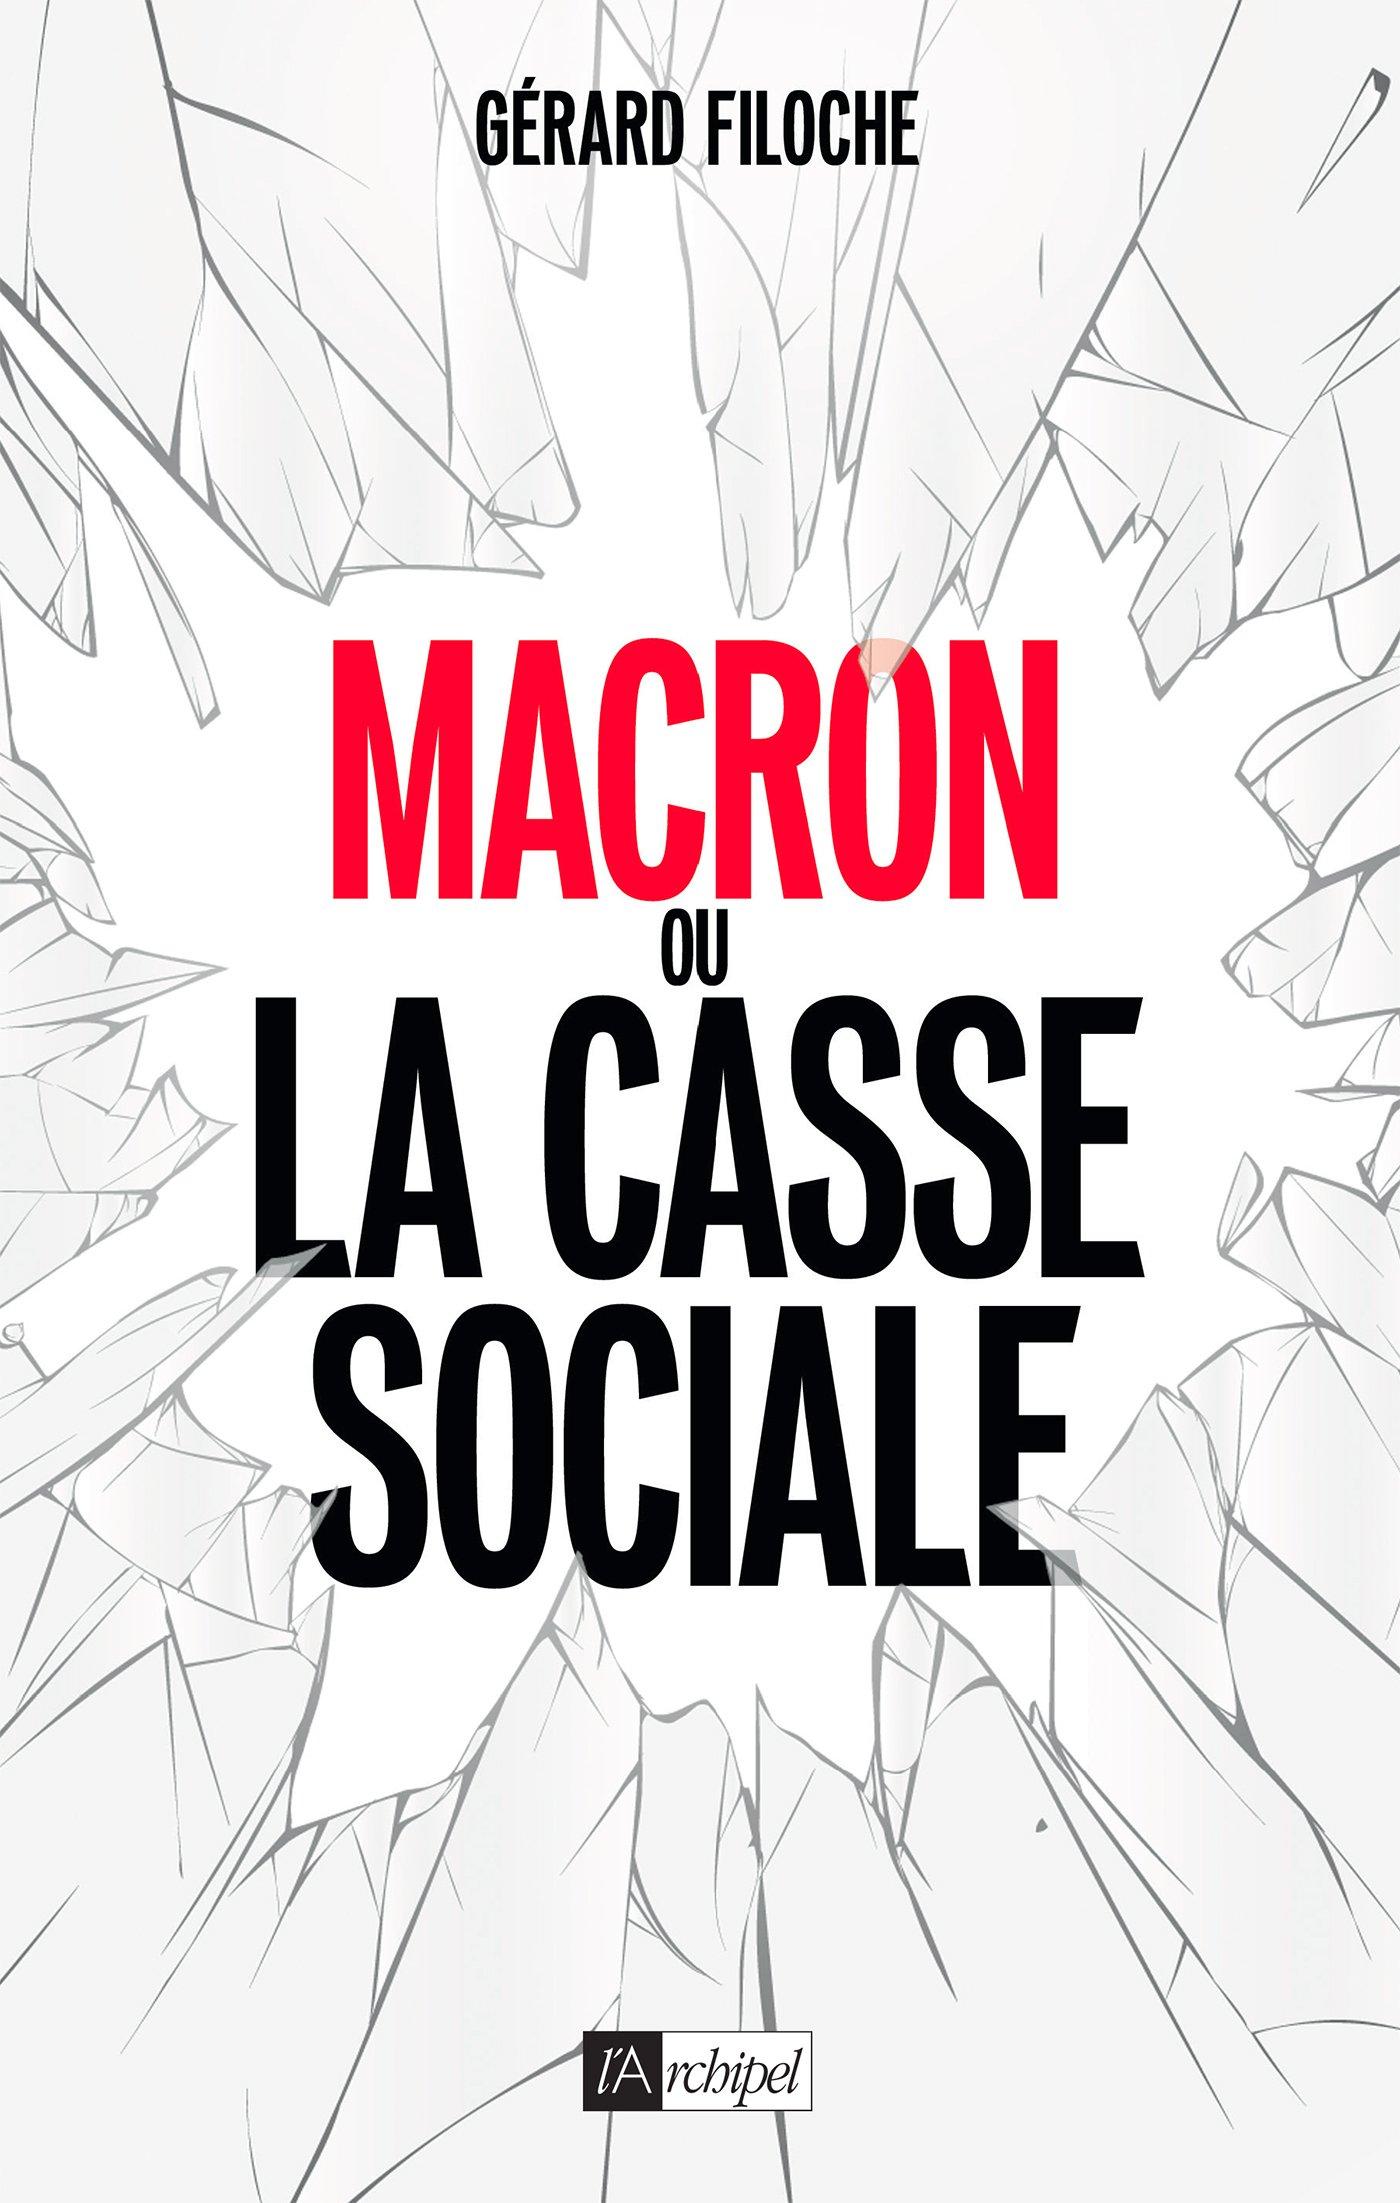 Macron ou la casse sociale Broché – 7 février 2018 Gérard Filoche Archipel 2809823715 Politique